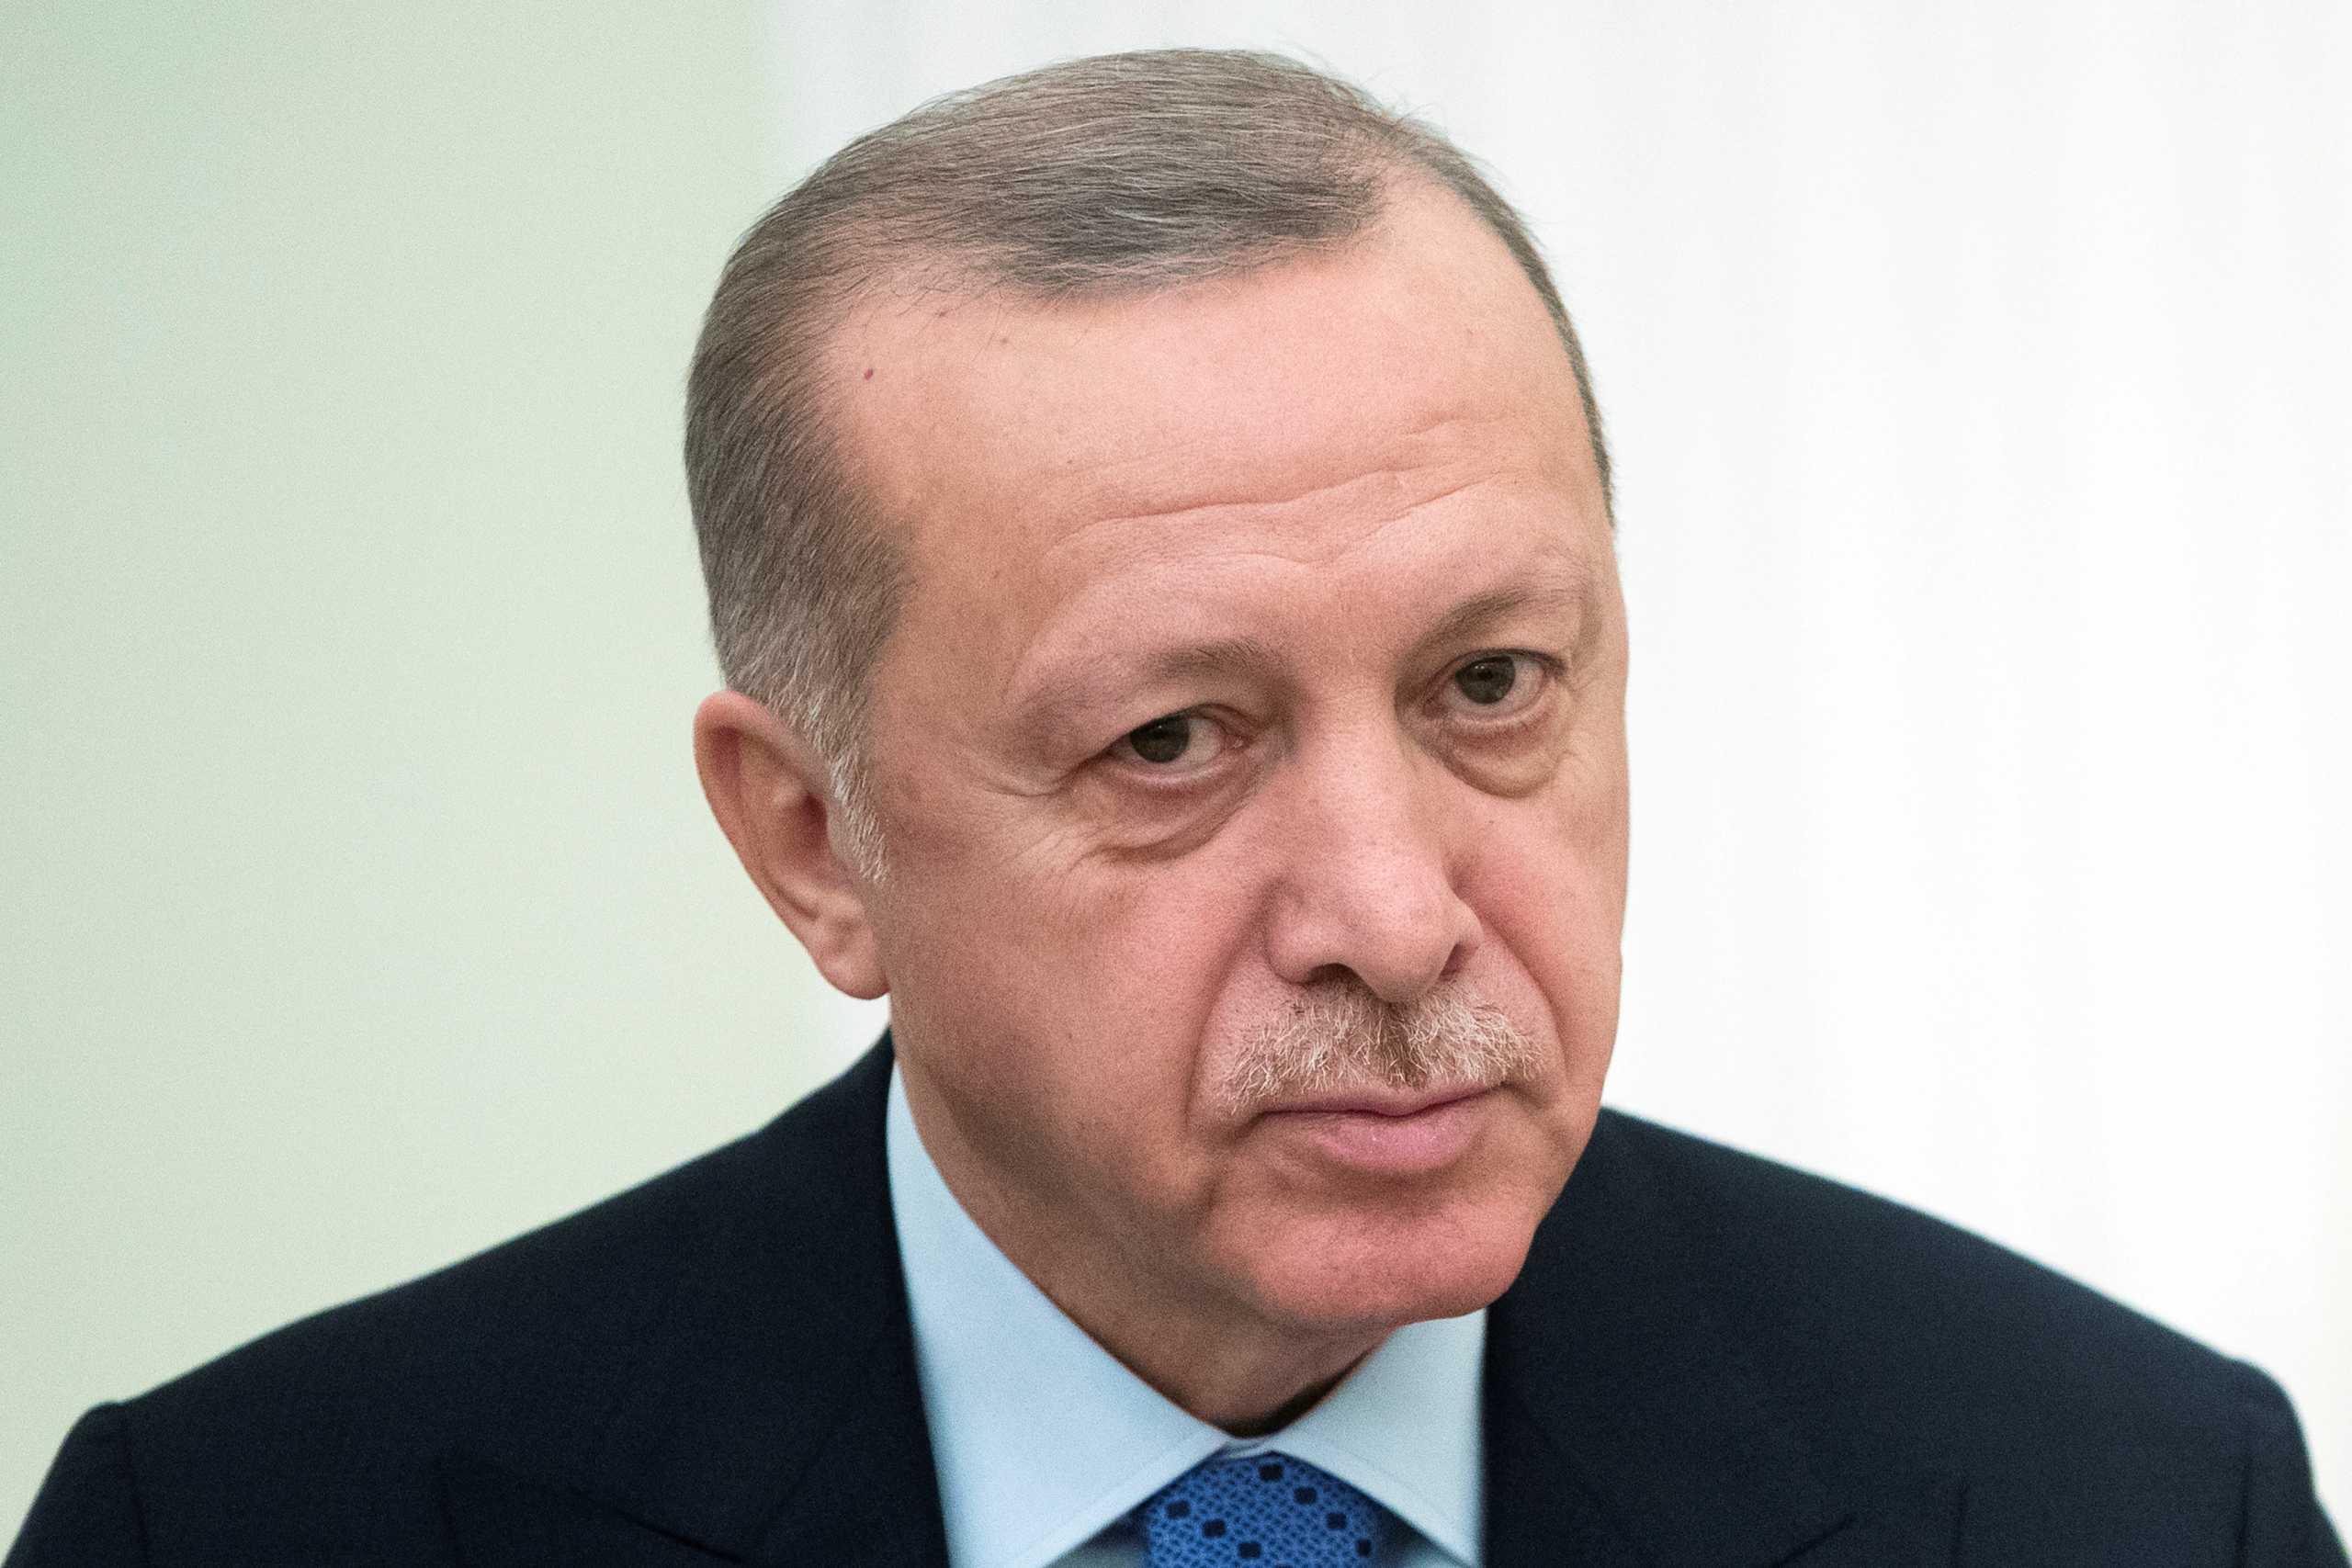 Αρνείται ο Ερντογάν ότι στην αεροπορική επιδρομή της Τουρκίας στο Ιράκ ο στόχος ήταν κλινική